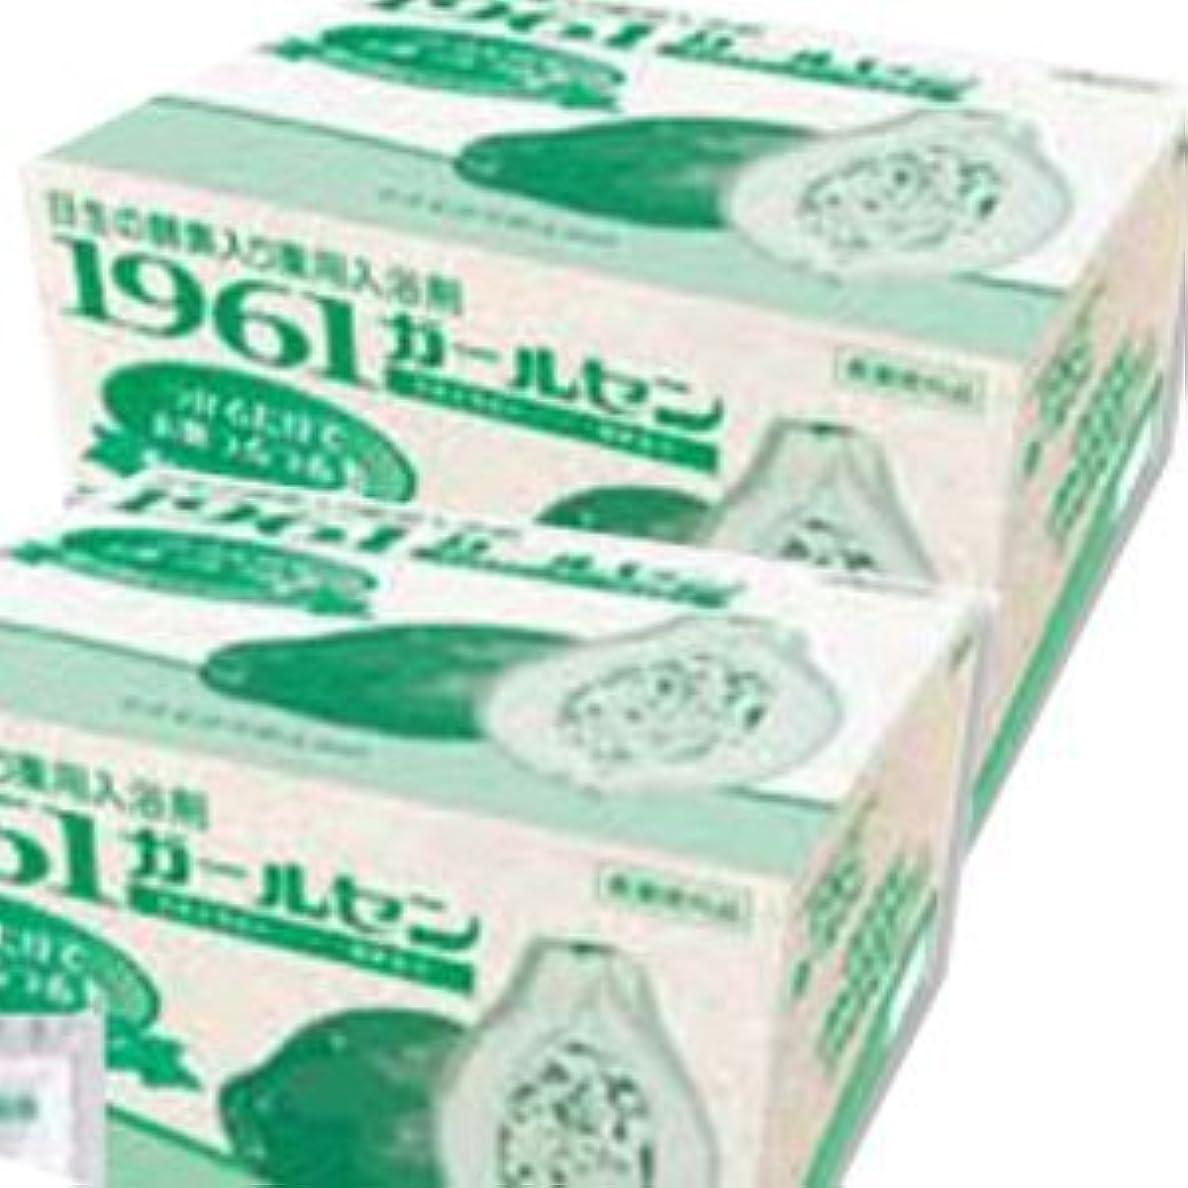 証拠一貫性のない講堂日本生化学 薬用入浴剤 1961ガールセン (20g×60包)×2箱 (医薬部外品)